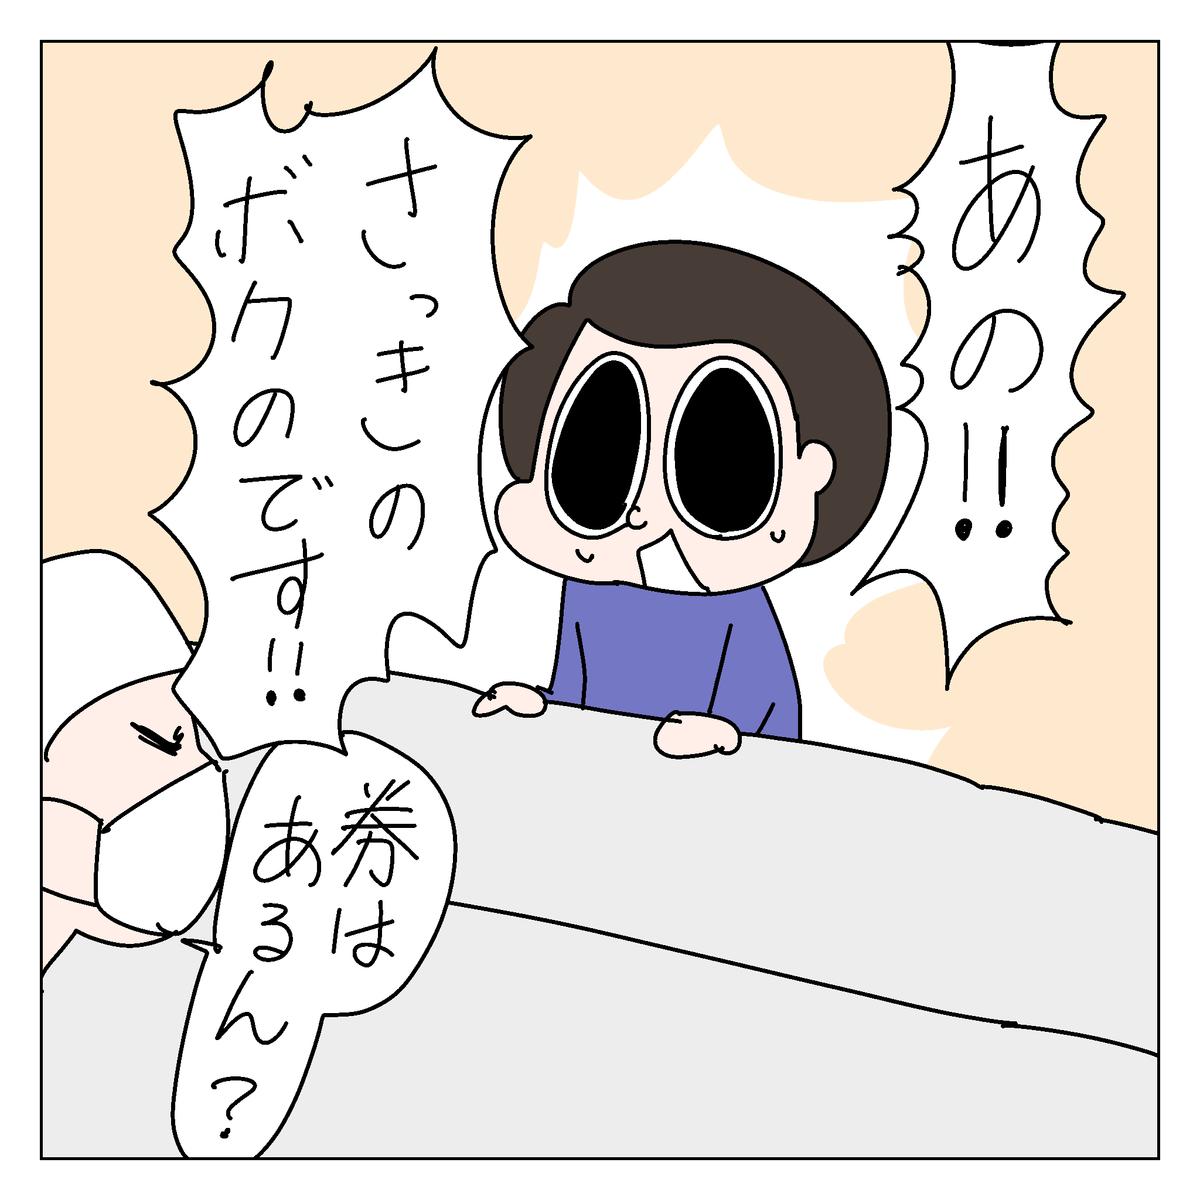 f:id:YuruFuwaTa:20200501102752p:plain